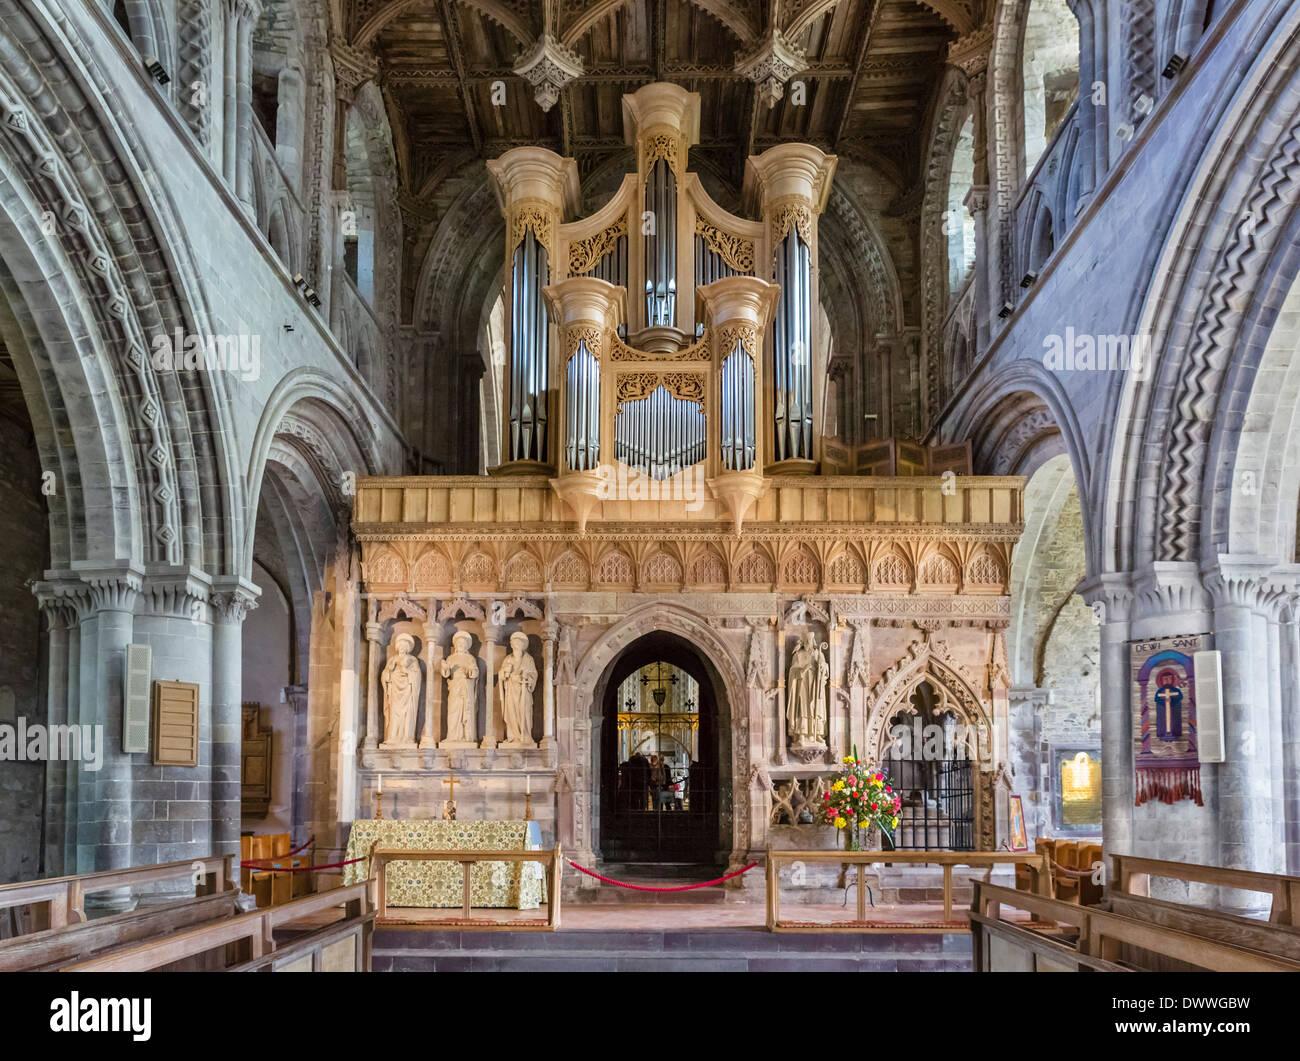 Die Orgel in der Kathedrale von St. Davids, St Davids, Pembrokeshire, Wales, UK Stockbild